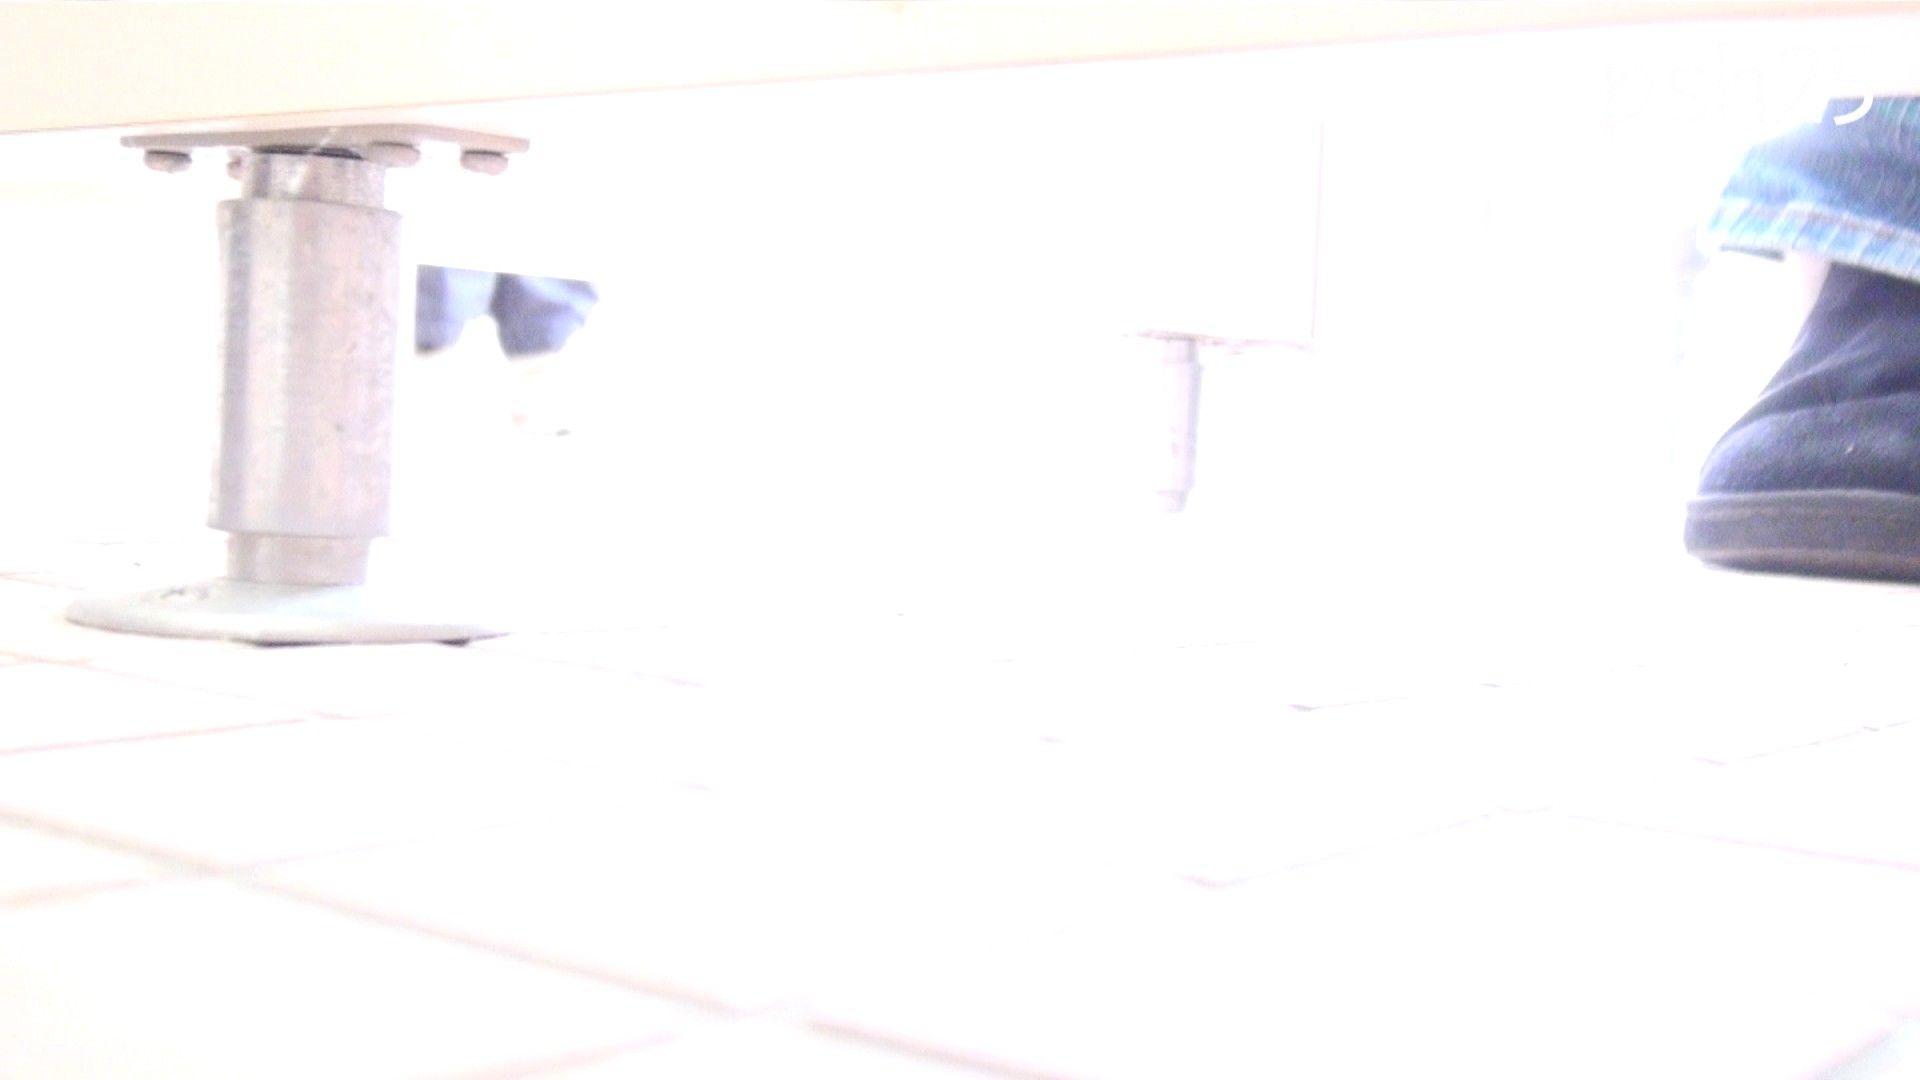 ▲復活限定▲ハイビジョン 盗神伝 Vol.25 盗撮映像大放出   エッチすぎるOL達  106連発 106